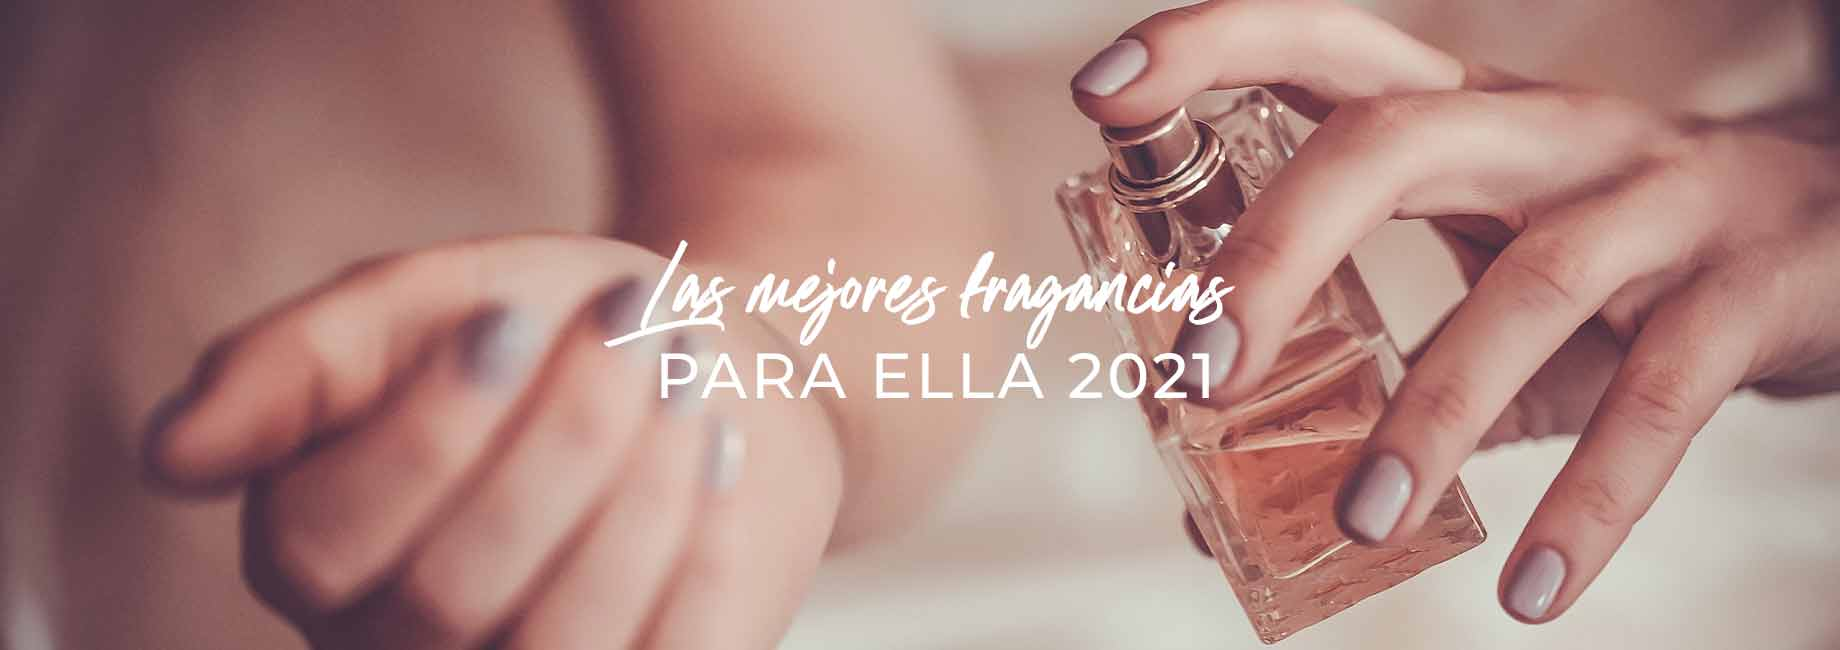 tfragancias-y-perfumes-favoritos-para-ella-del-2021